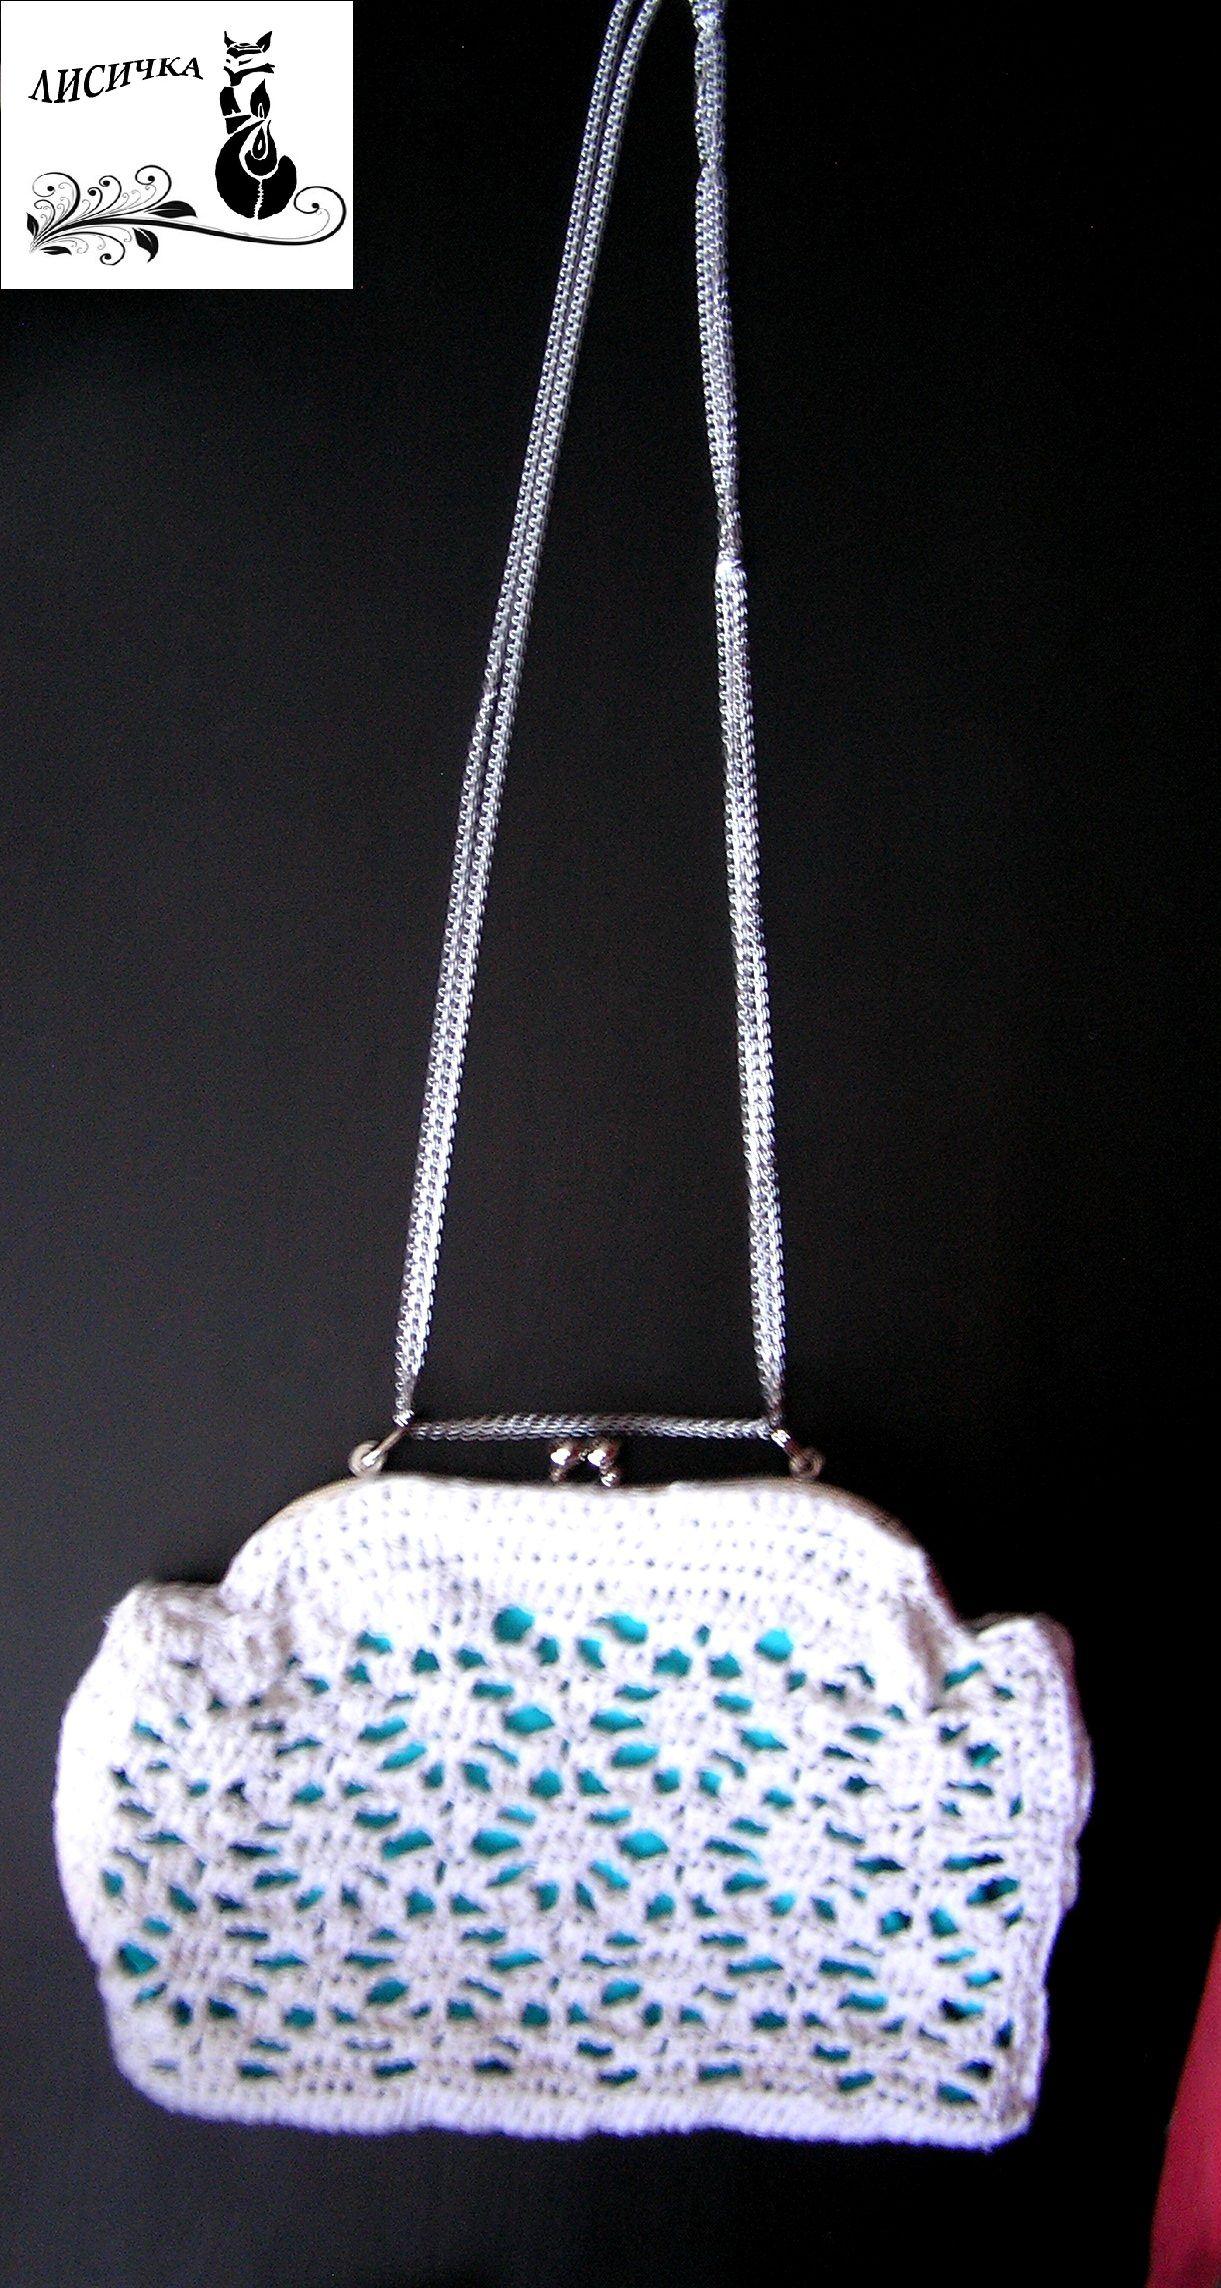 летняясумочка летняясумка сумочканацепочке сумканацепочке вязанаясумка сумкаручнойработы сумочкаручнойработы сумочка вязанаясумочка снаясумкаумка